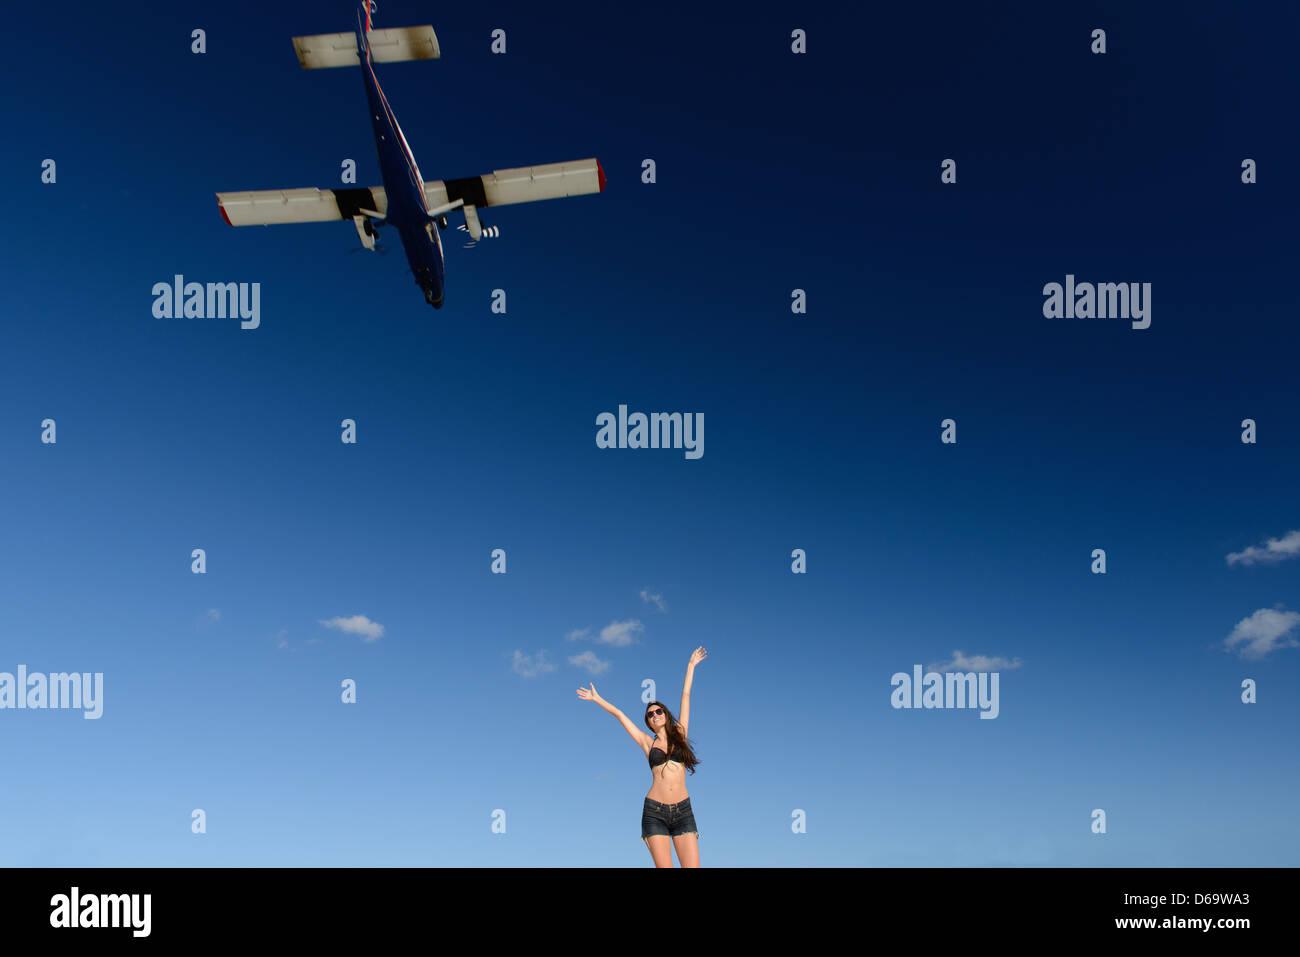 Woman in bikini greeting airplane - Stock Image